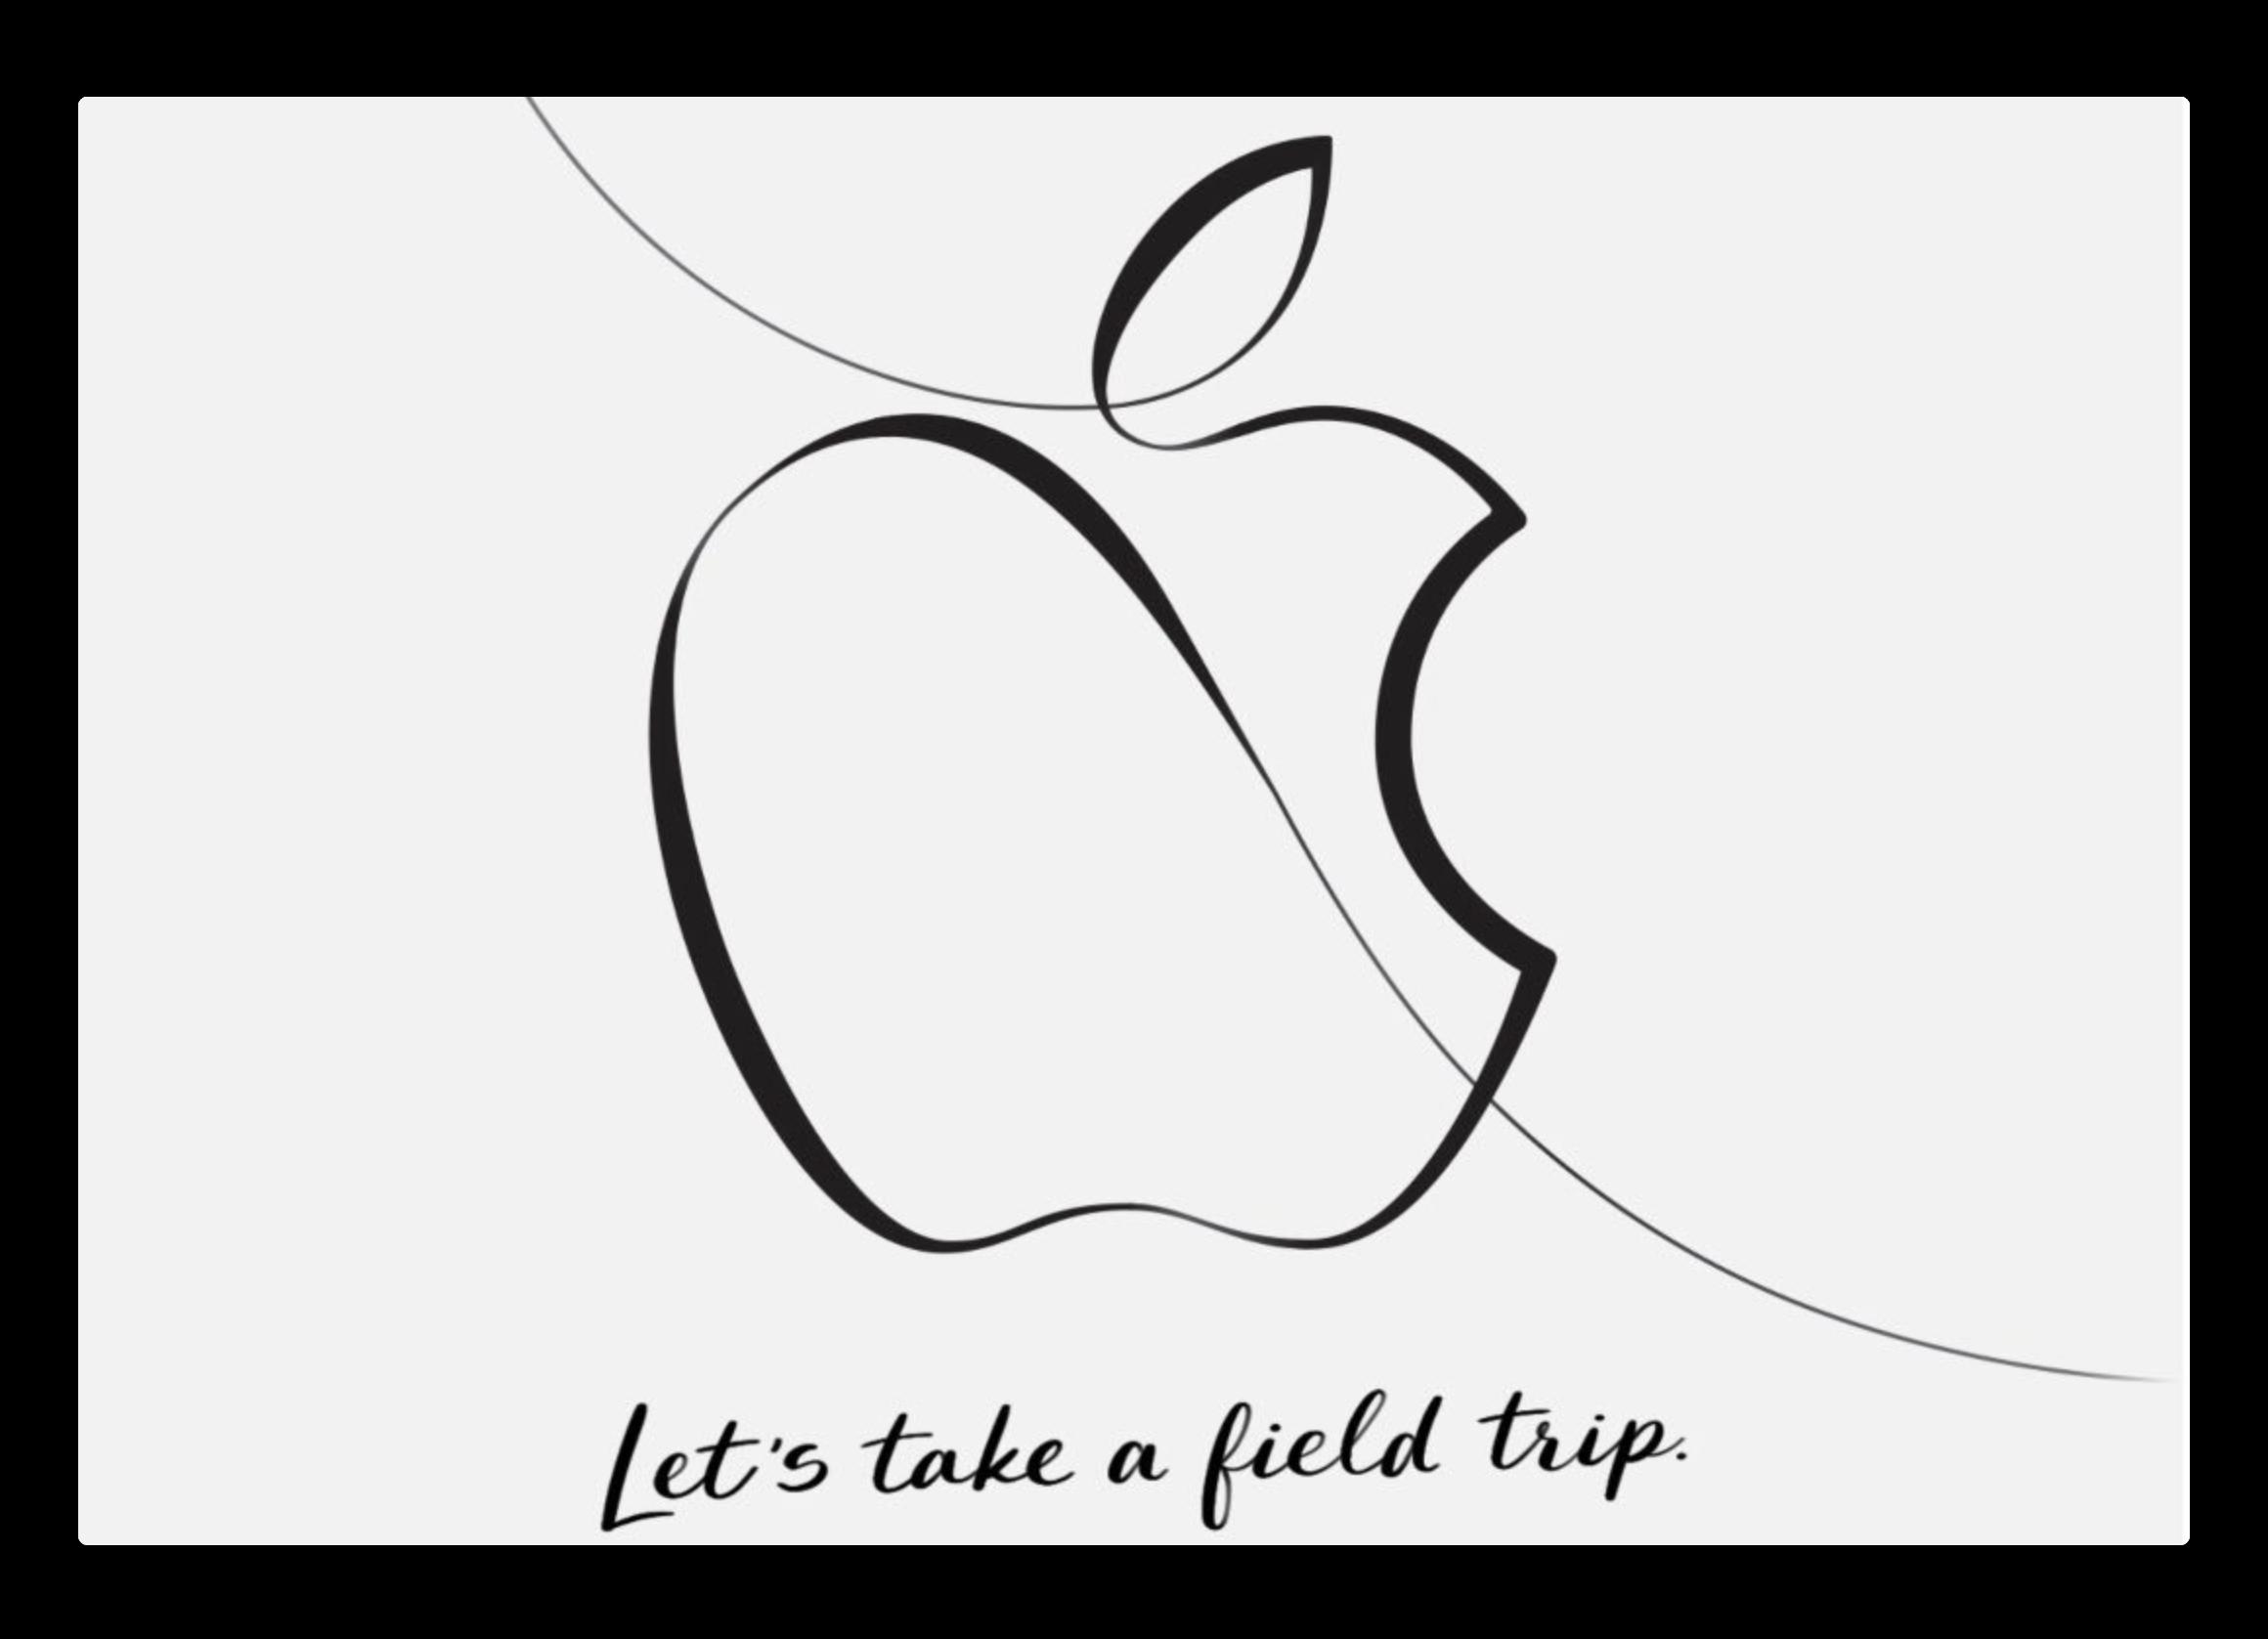 シャープ、Appleの新しいiPadモデルのディスプレイ受注を確保するためのIGZOパネル生産を開始